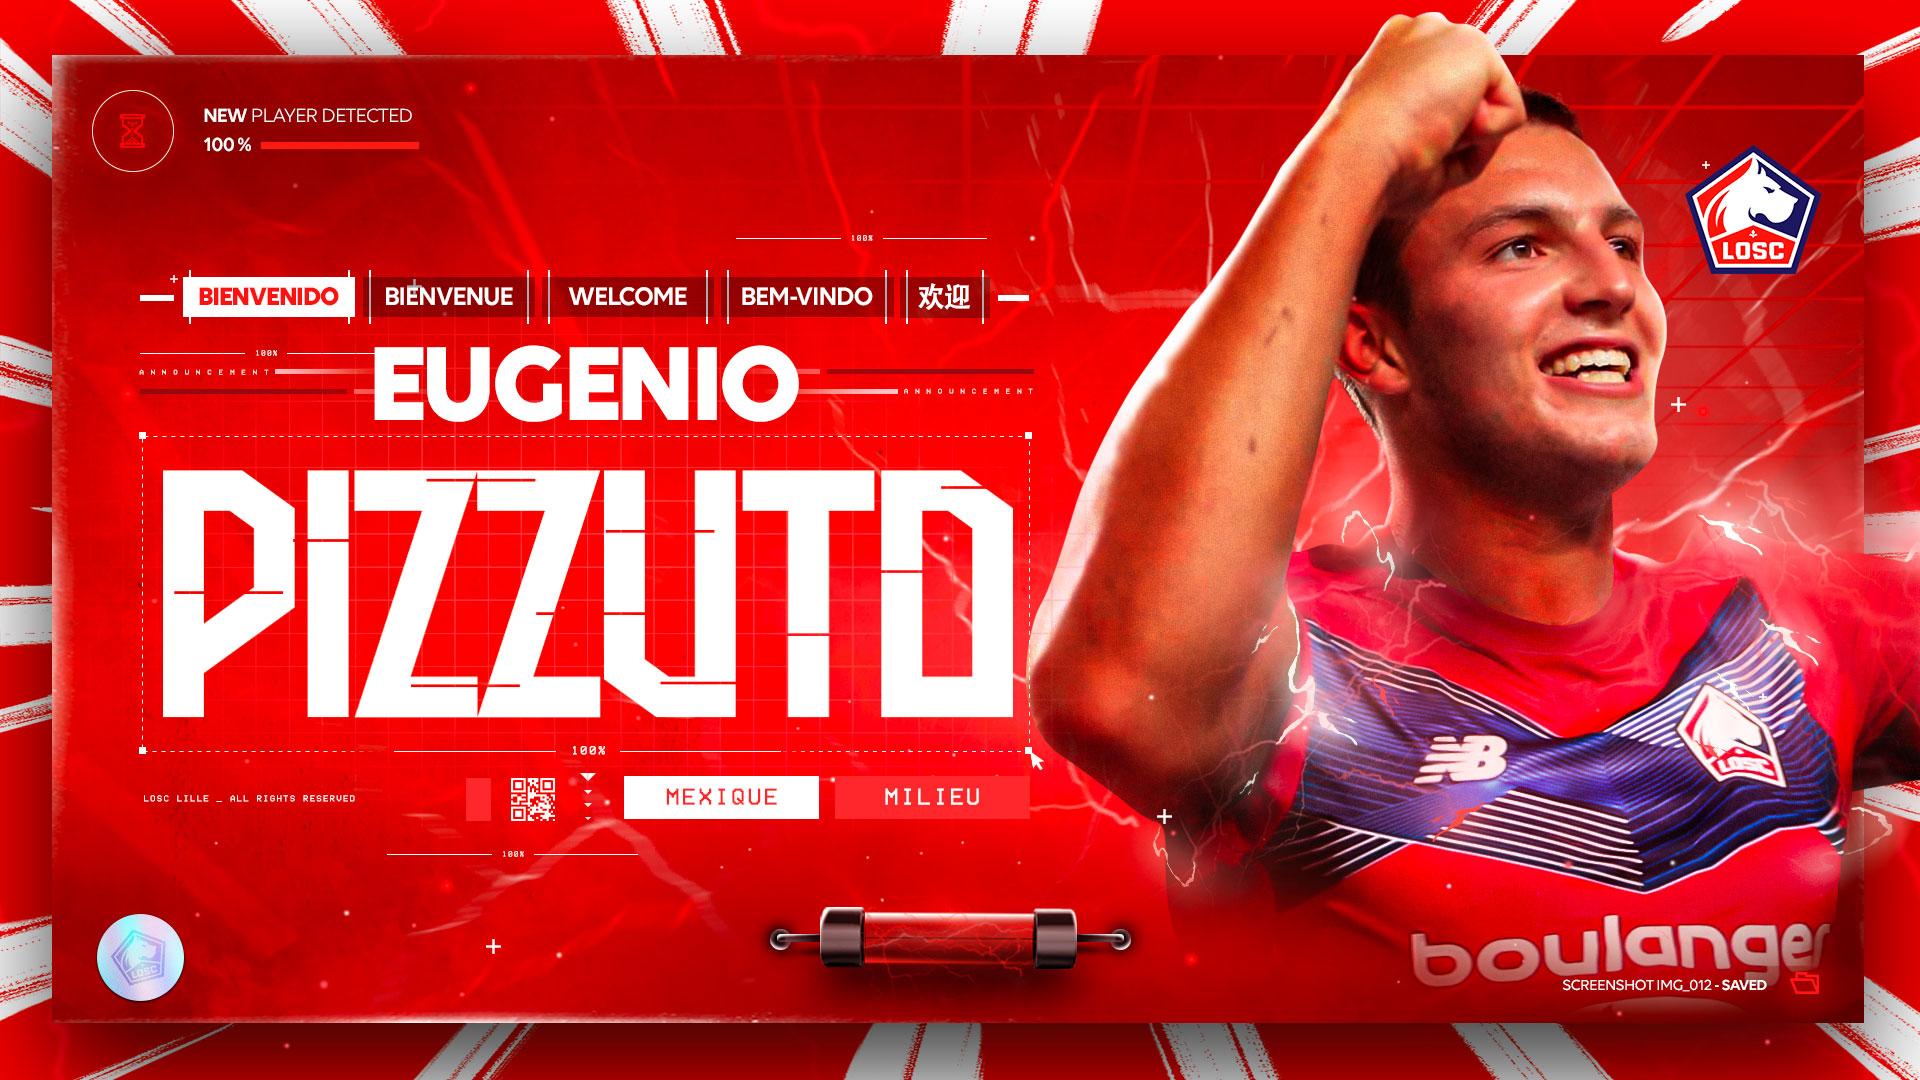 Pizzuto Eugenio